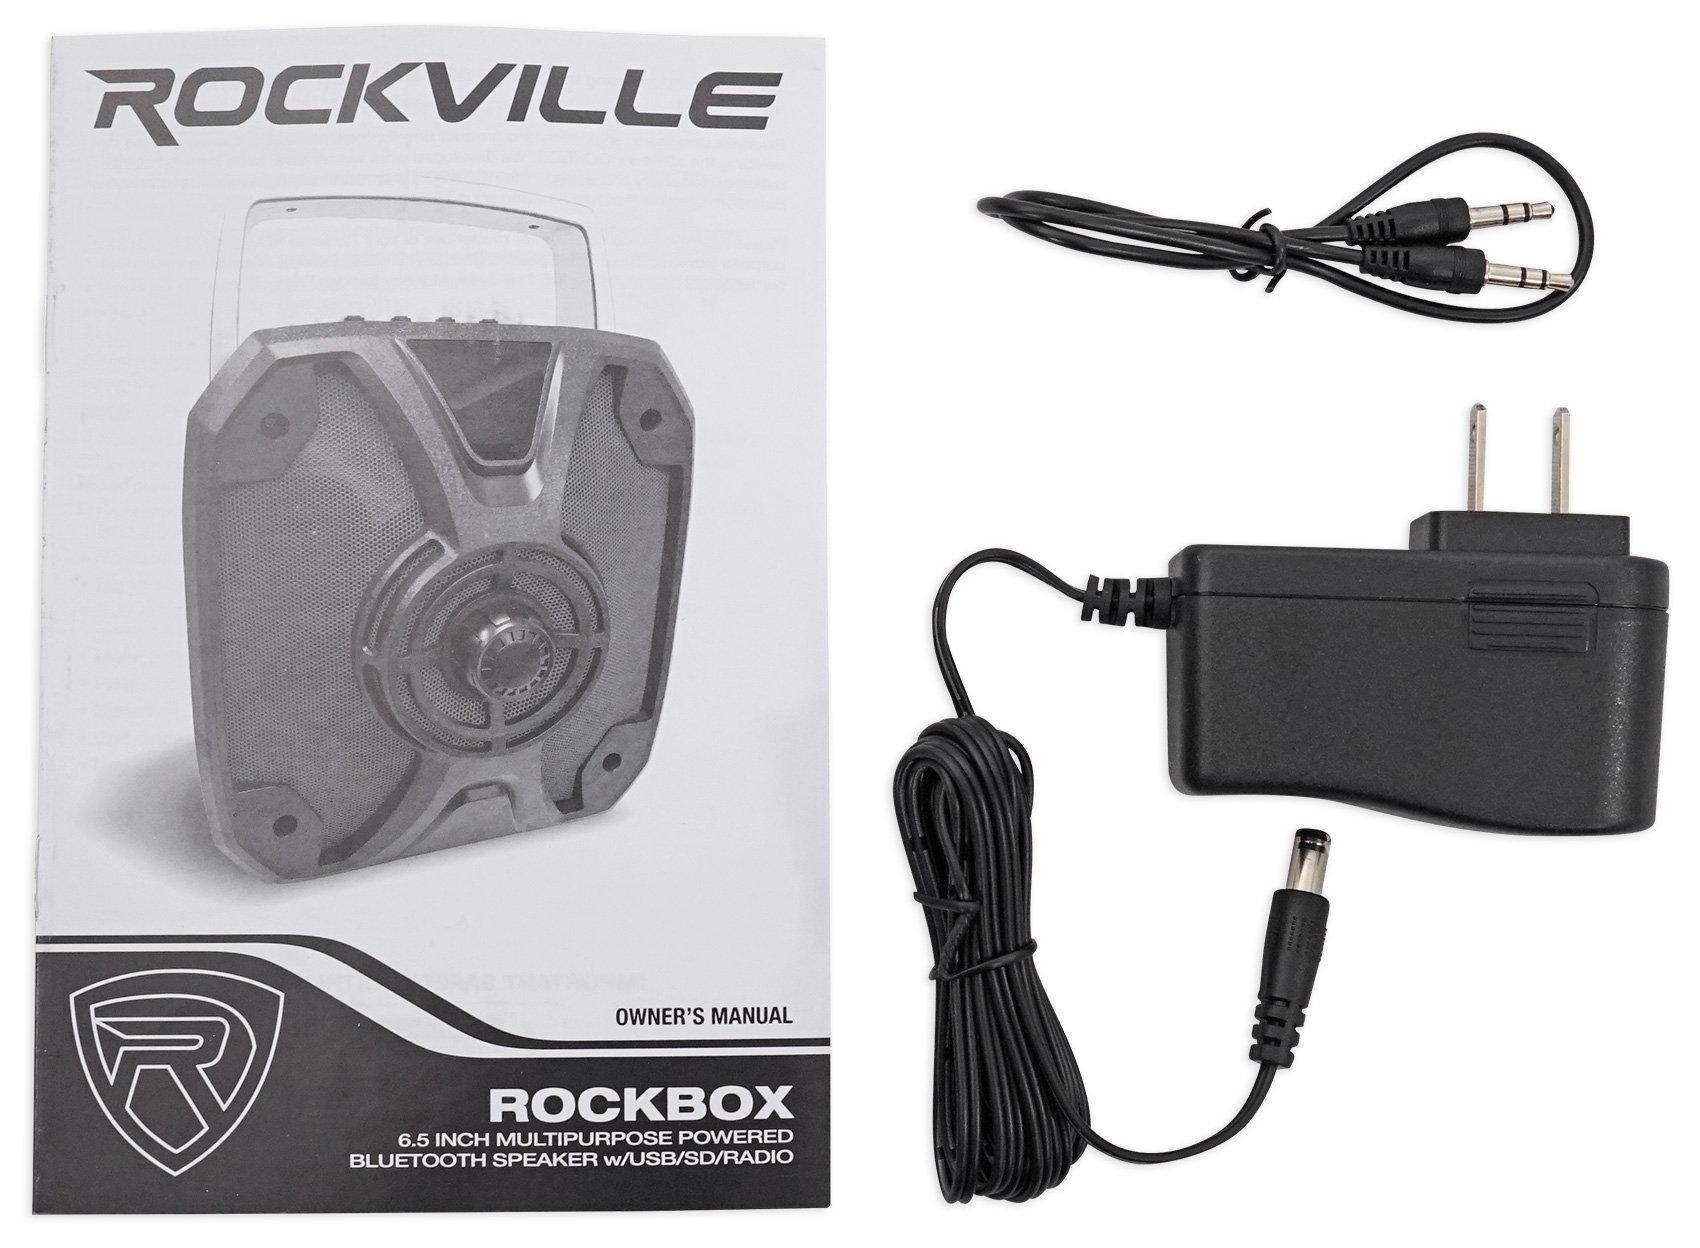 Rockville ROCKBOX 6.5'' 100 Watt Portable Rechargable Bluetooth Speaker w USB/SD by Rockville (Image #8)